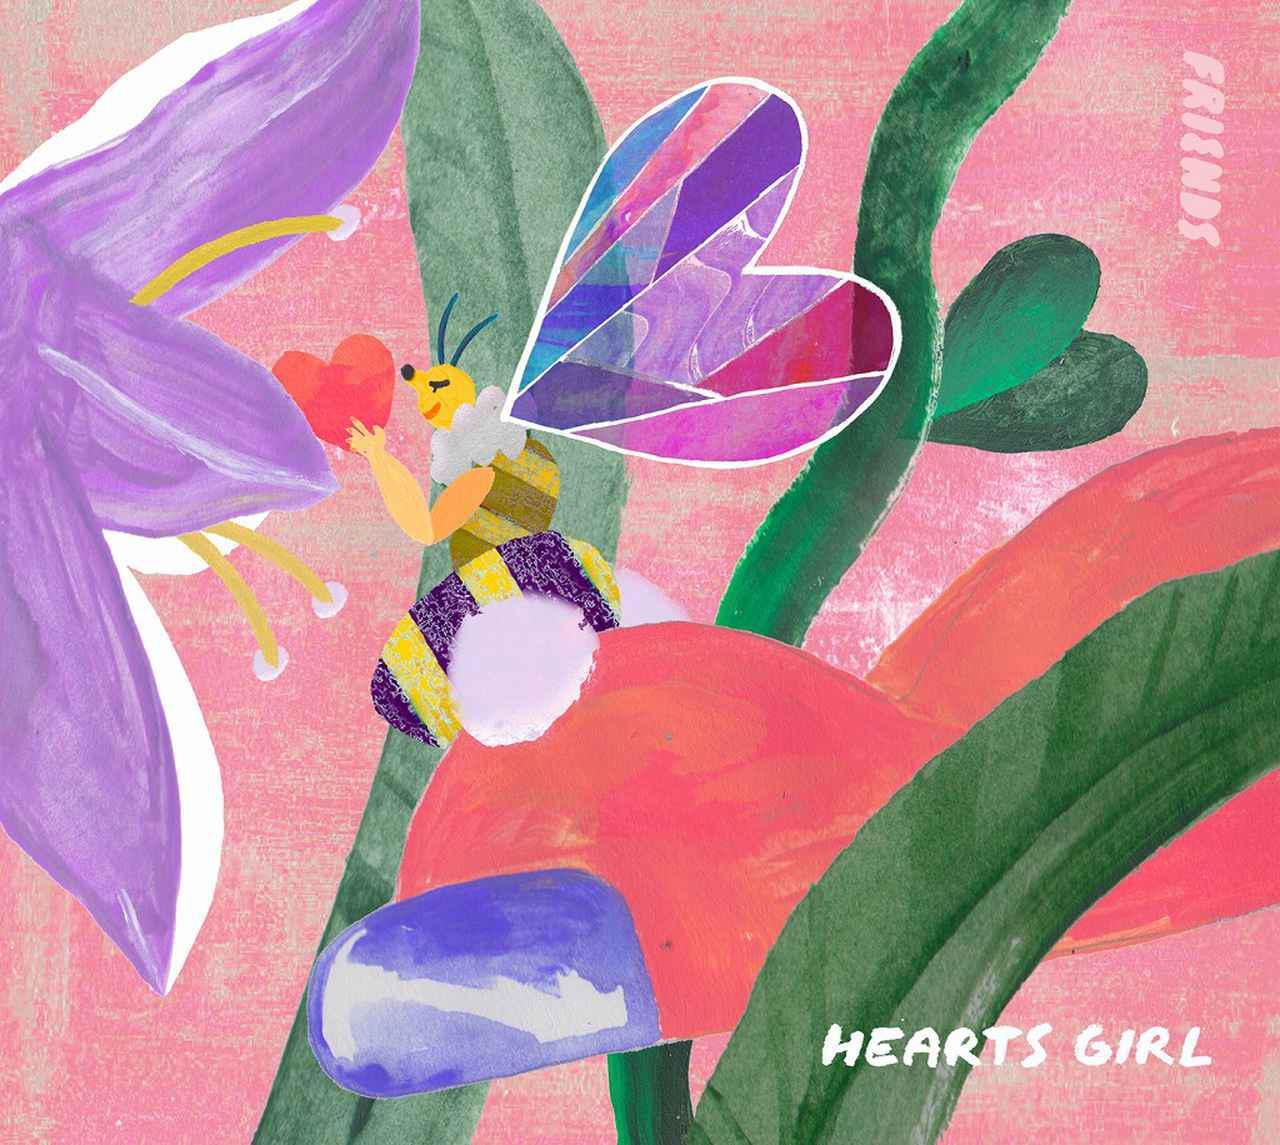 画像: HEARTS GIRL / フレンズ